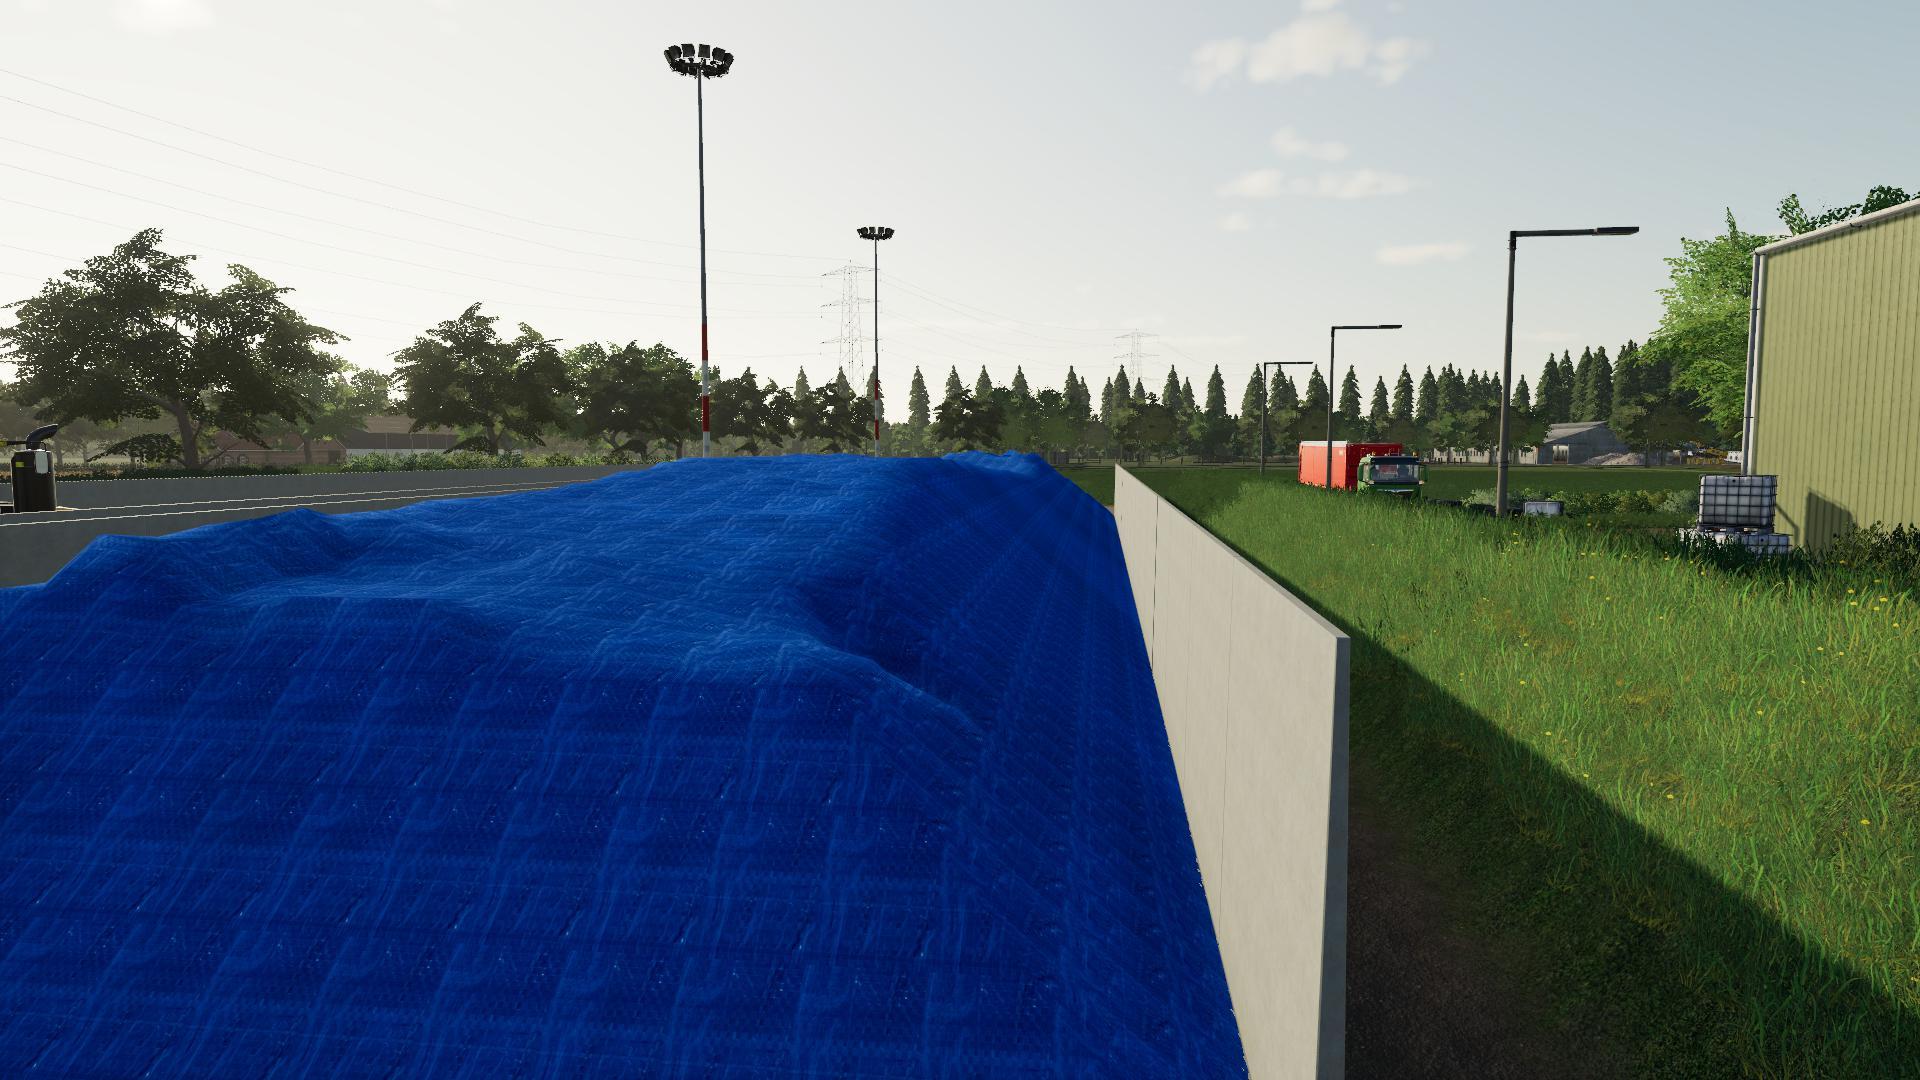 FS19 - New Texture V1.0